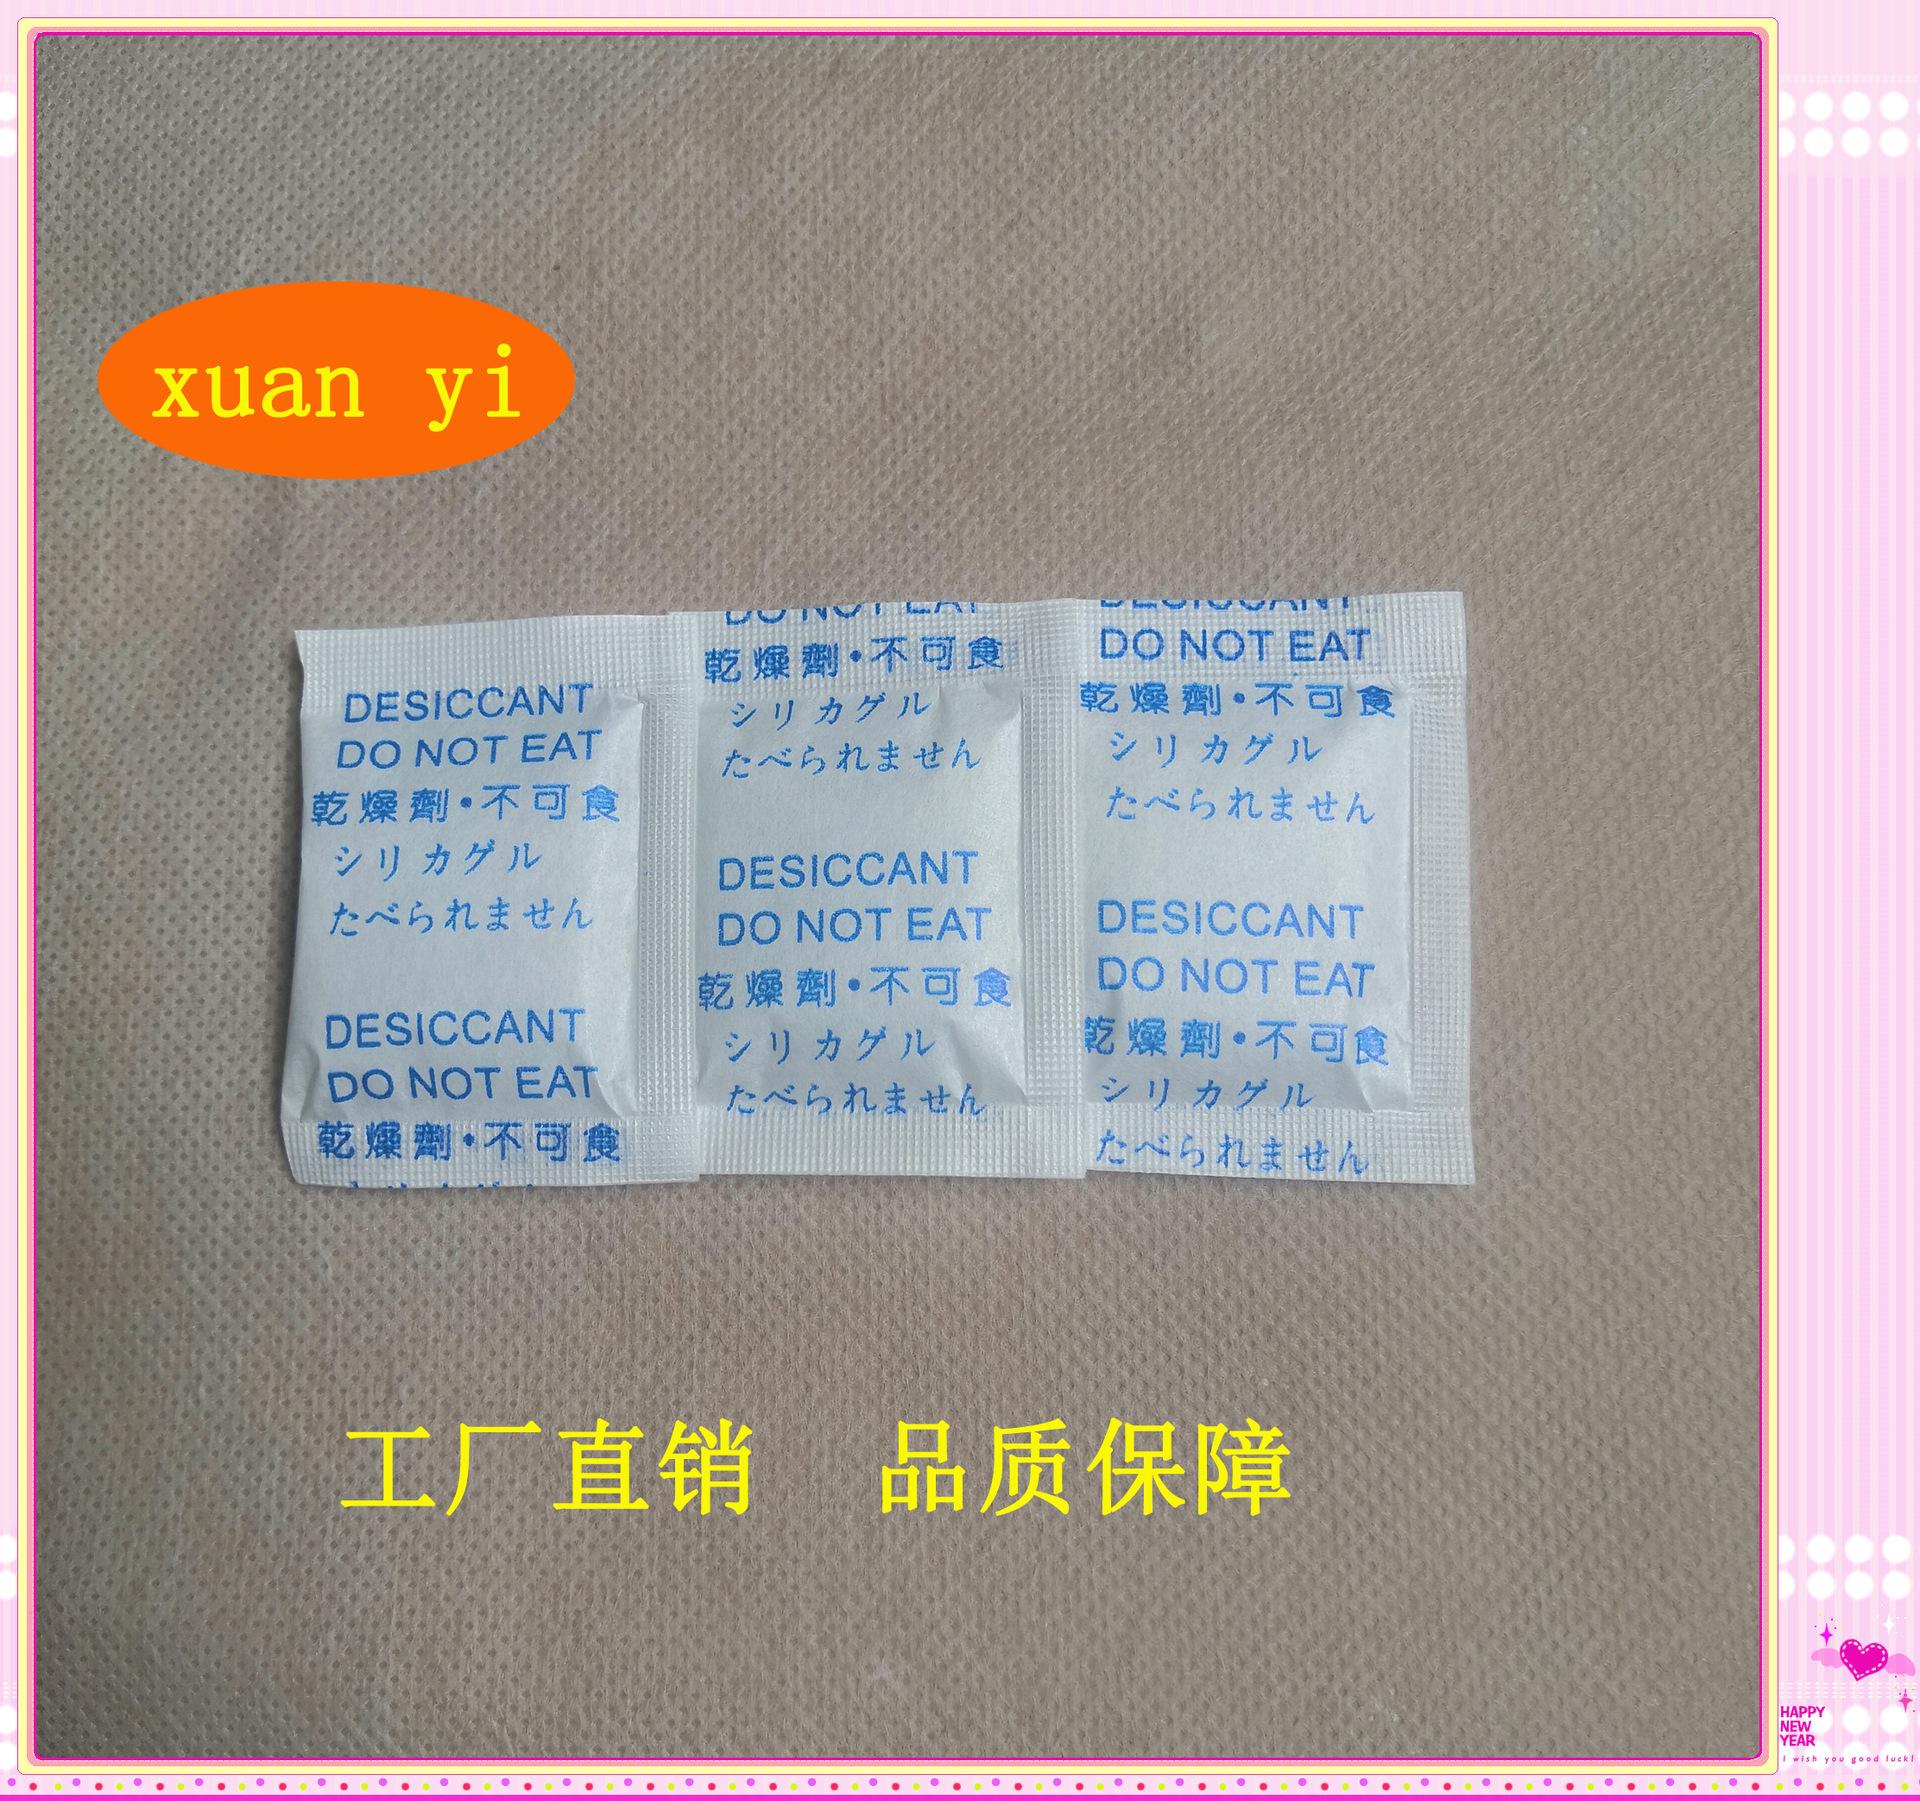 5克食品干燥剂,优质干燥剂,环保干燥剂,厦门厂家